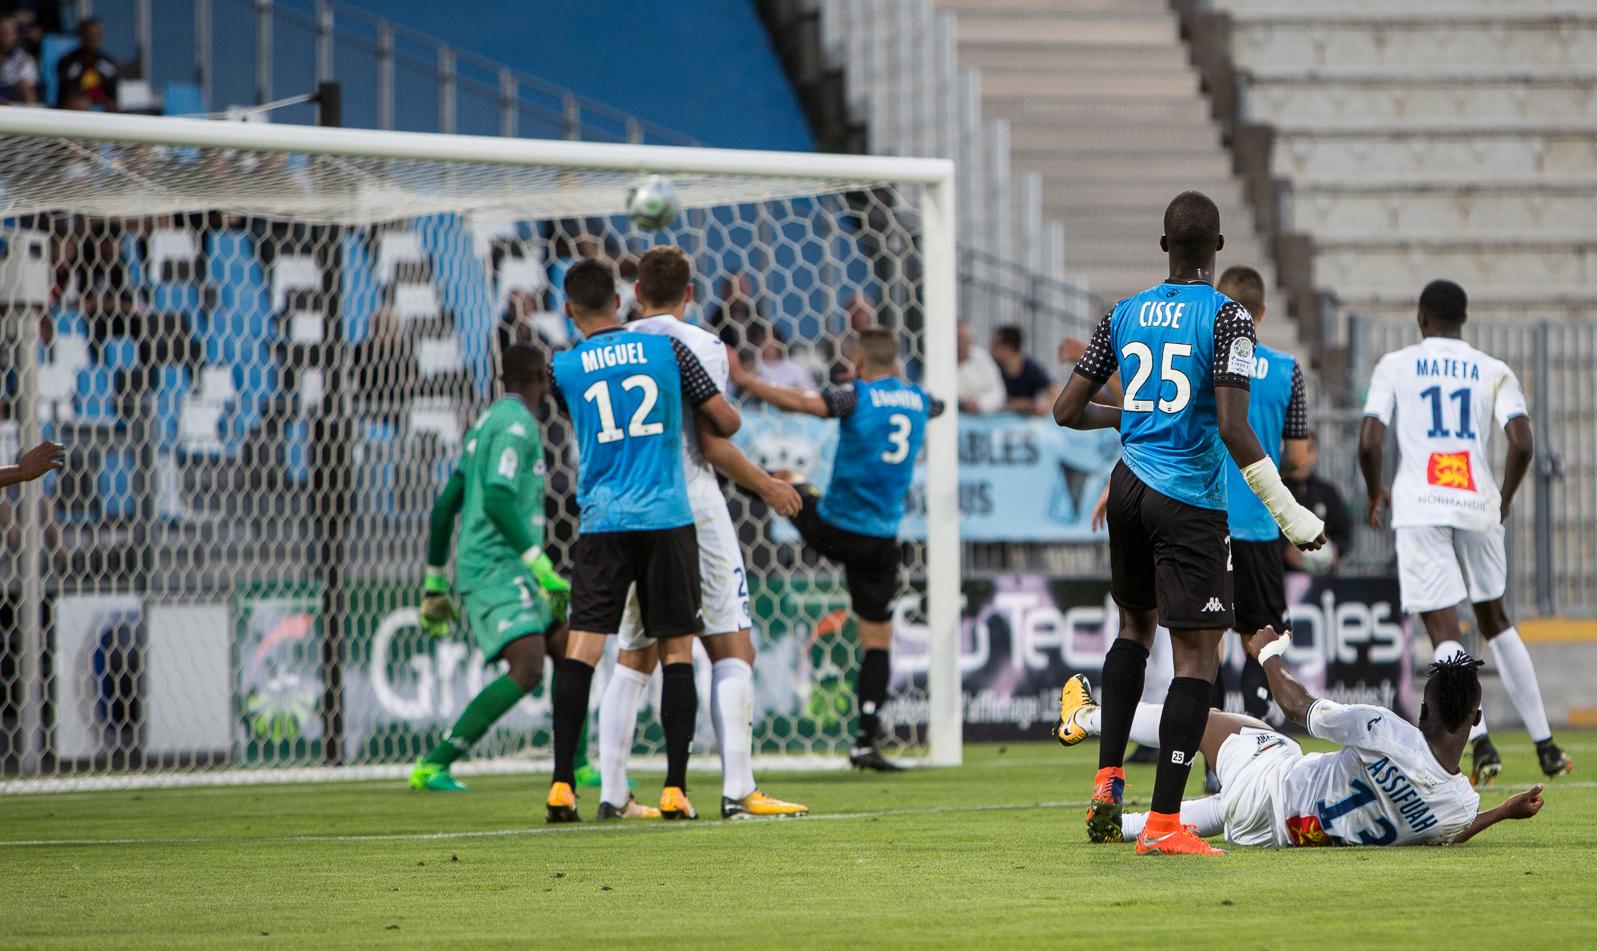 Troyes-Le Havre 9 agosto 2019: il pronostico di Ligue 2